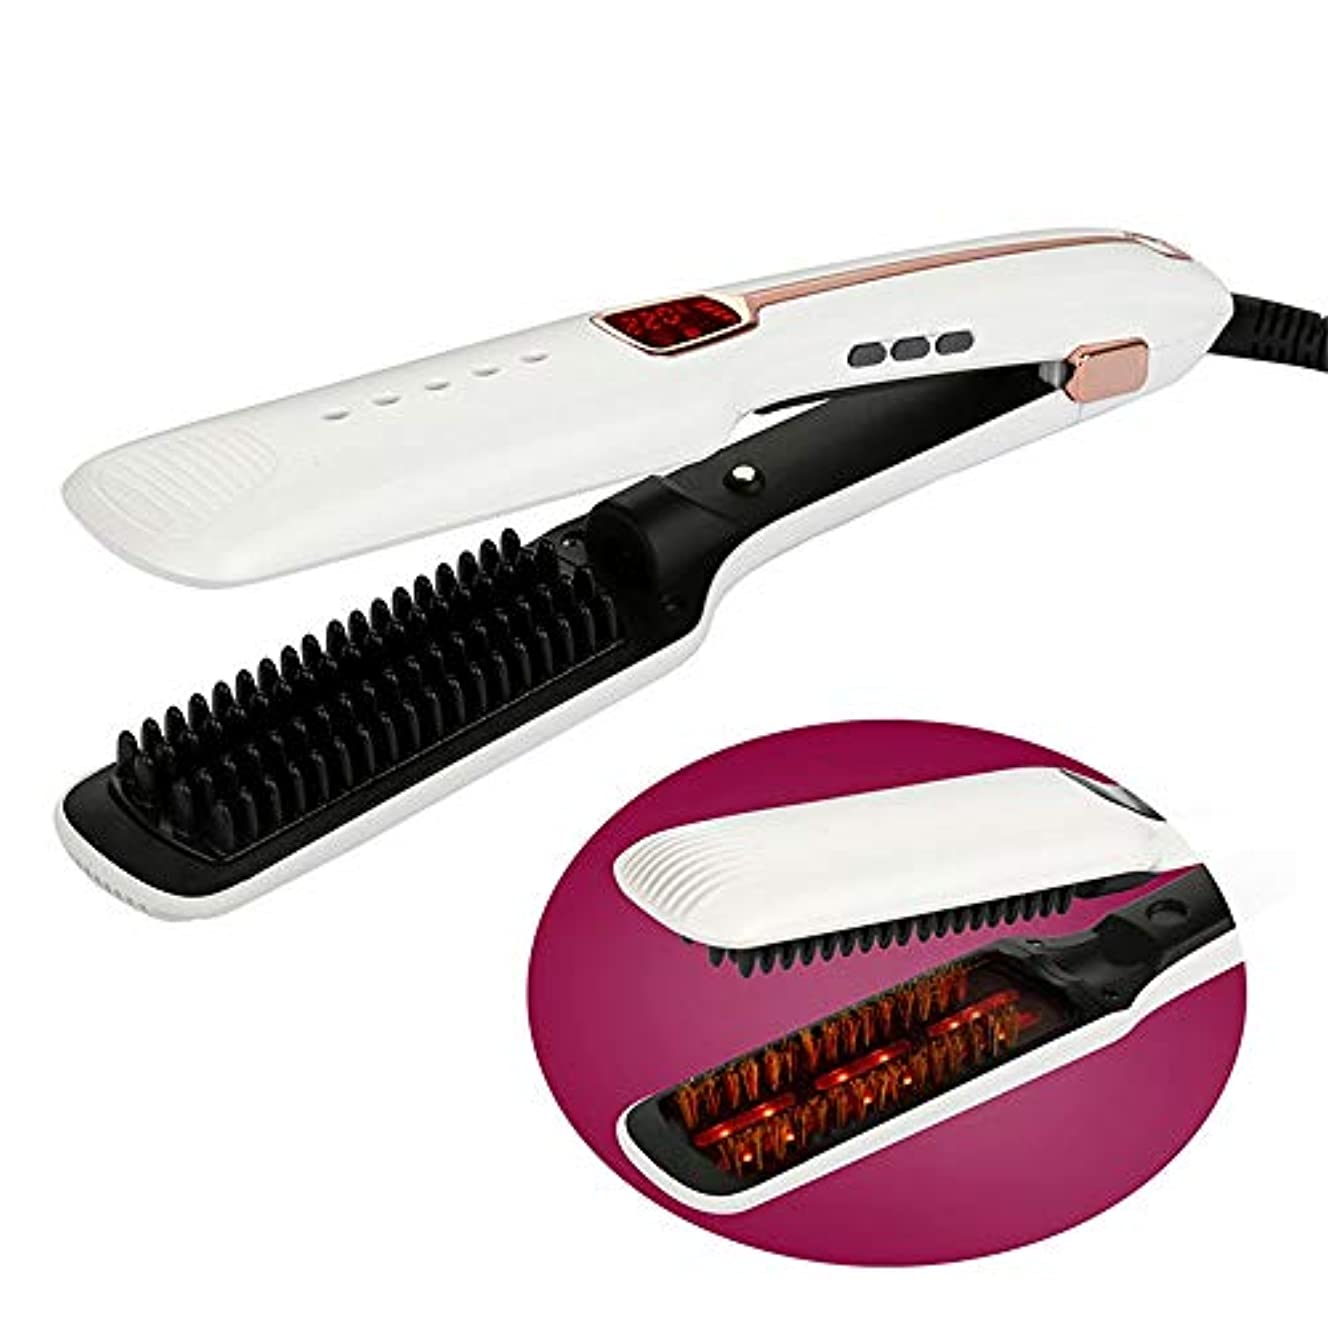 ストレートヘアスティック 携帯用旅行陶磁器の毛のストレートナすべての毛のストレートナのための調節可能な温度の赤外線蒸気のストレートナ すべてのタイプの髪に適しています (色 : 白, サイズ : 33.2x12.6x6.1cm)